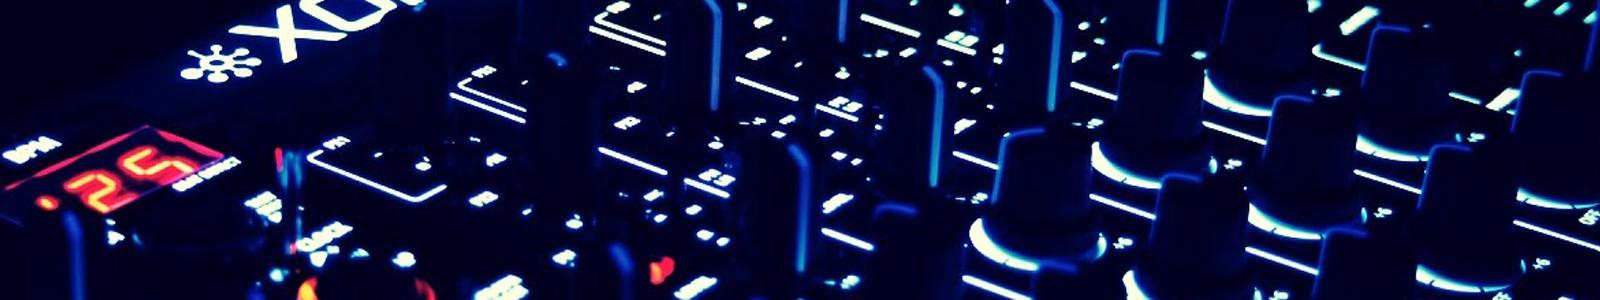 Elektronische muziek